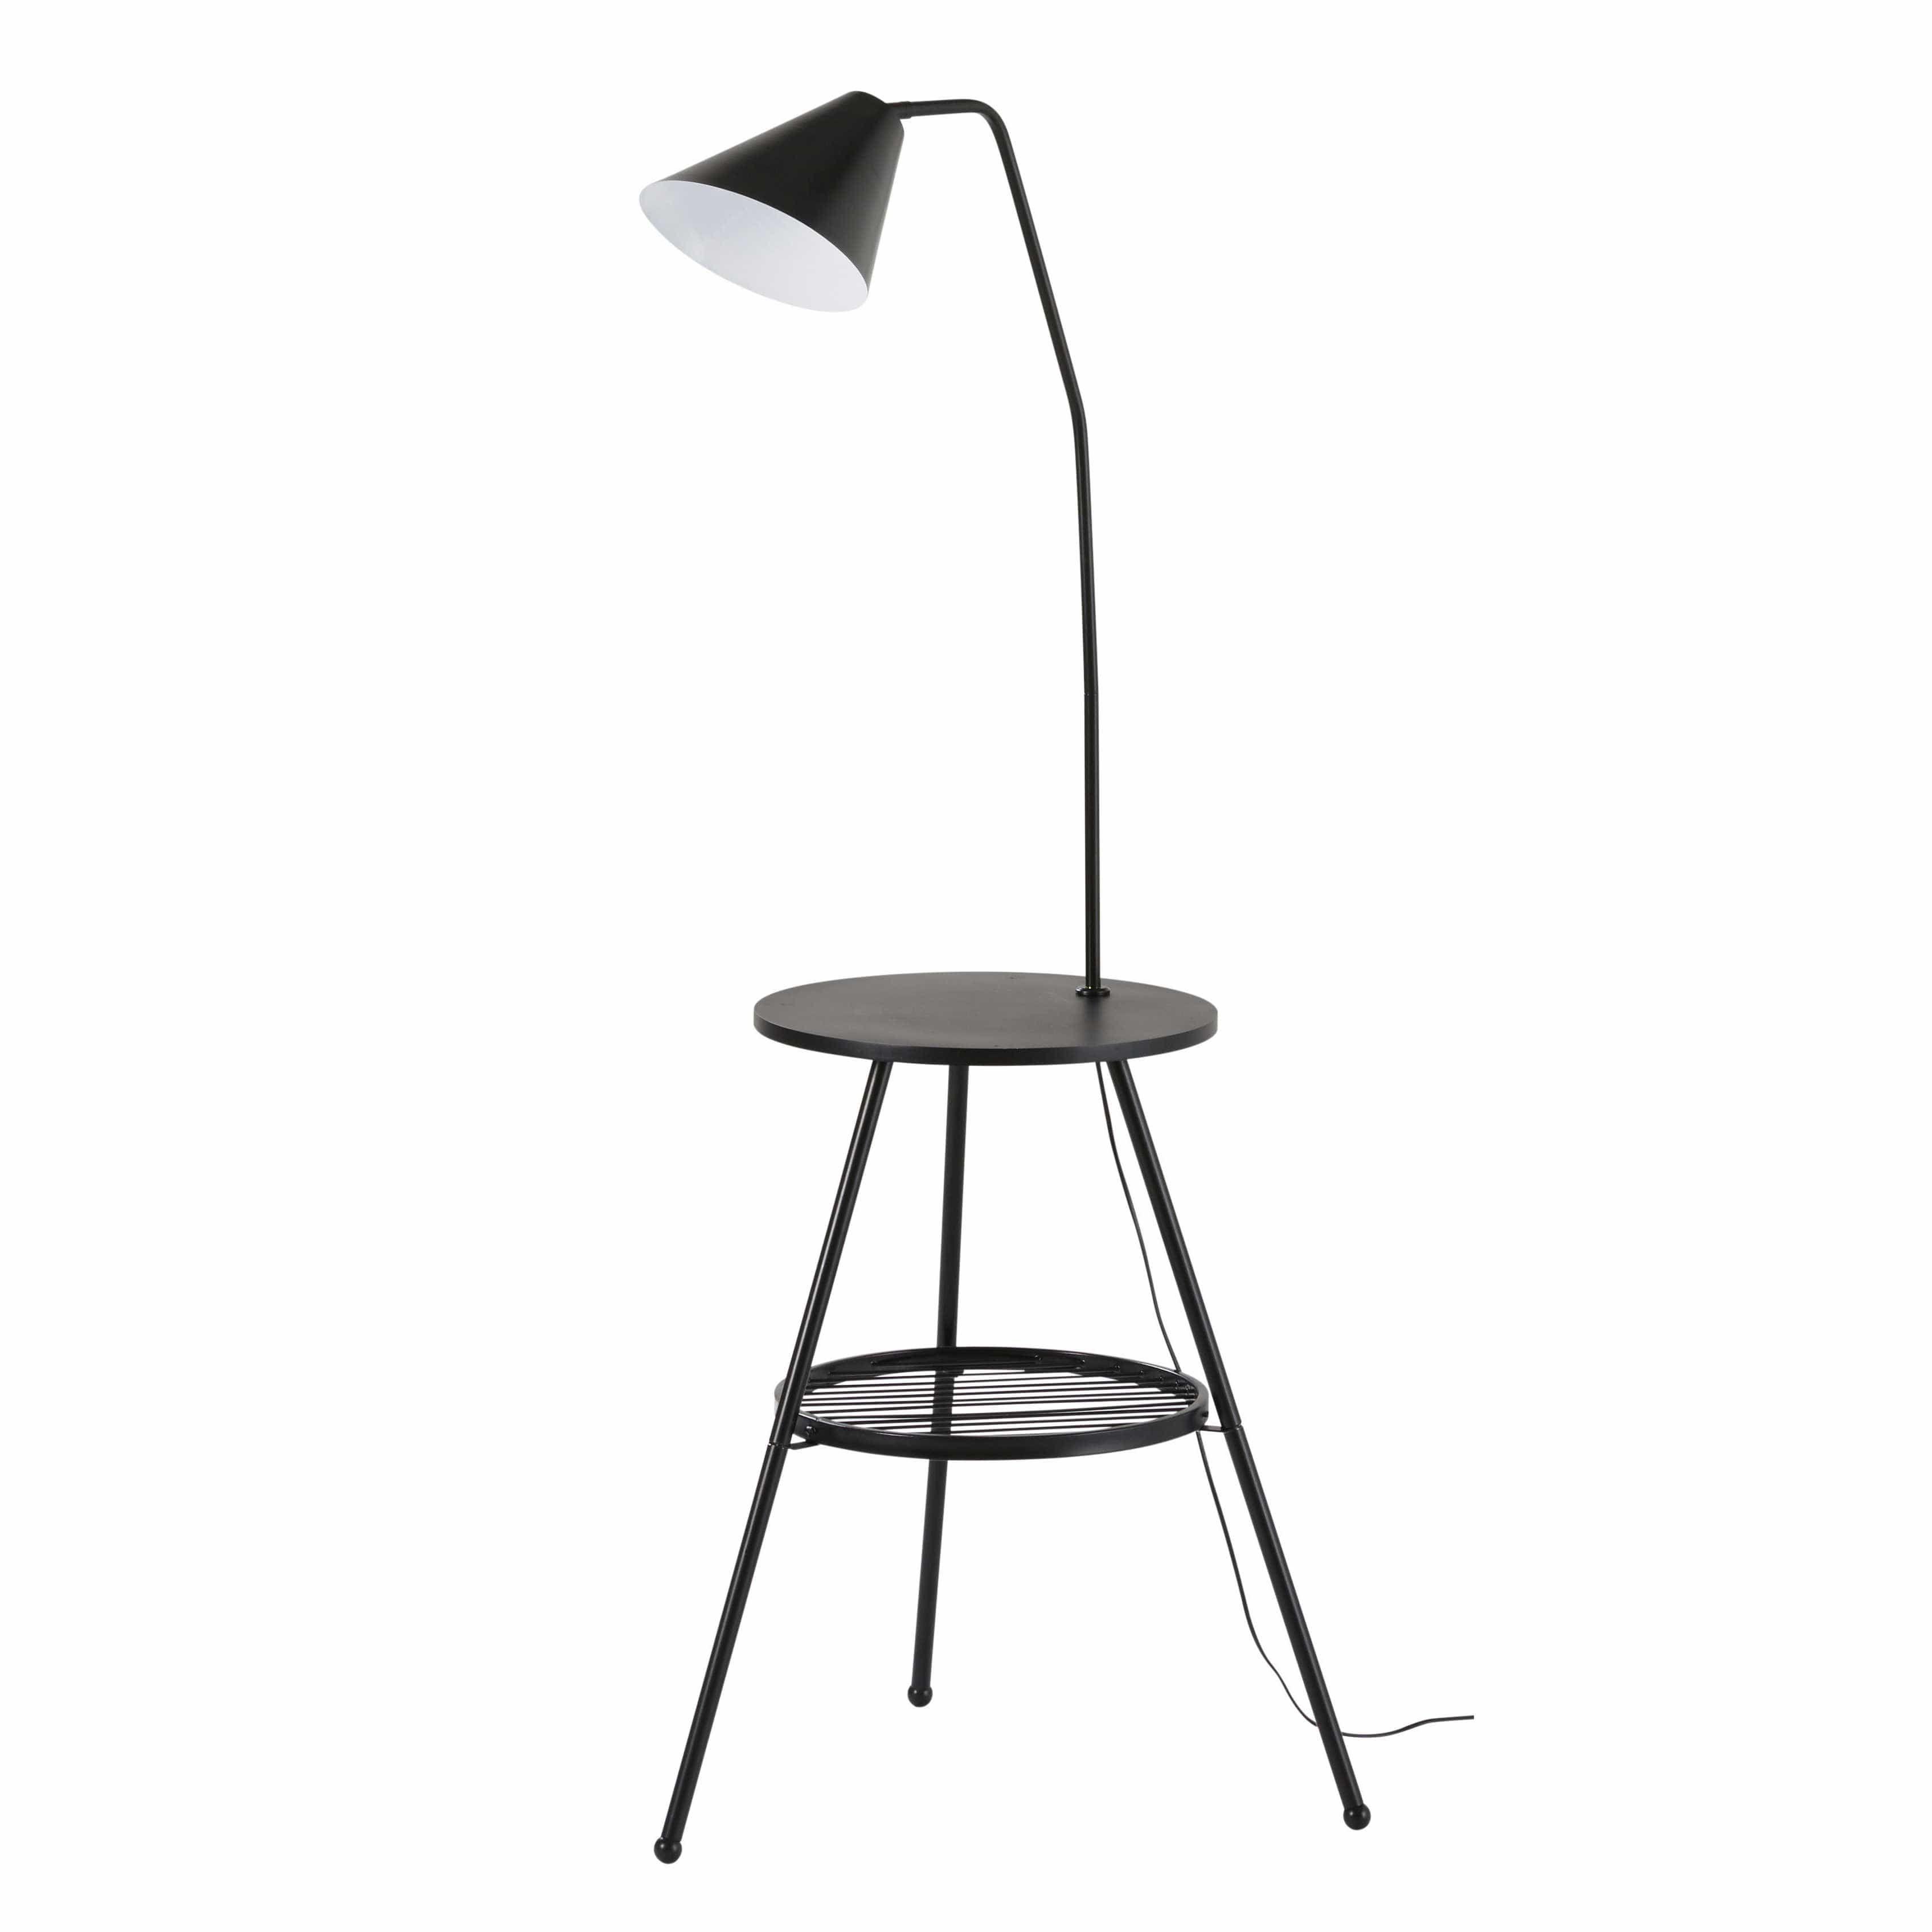 Beistelltisch Mit Integrierter Lampe Aus Schwarzem Metall CARTER Jetzt  Bestellen Unter: Https://